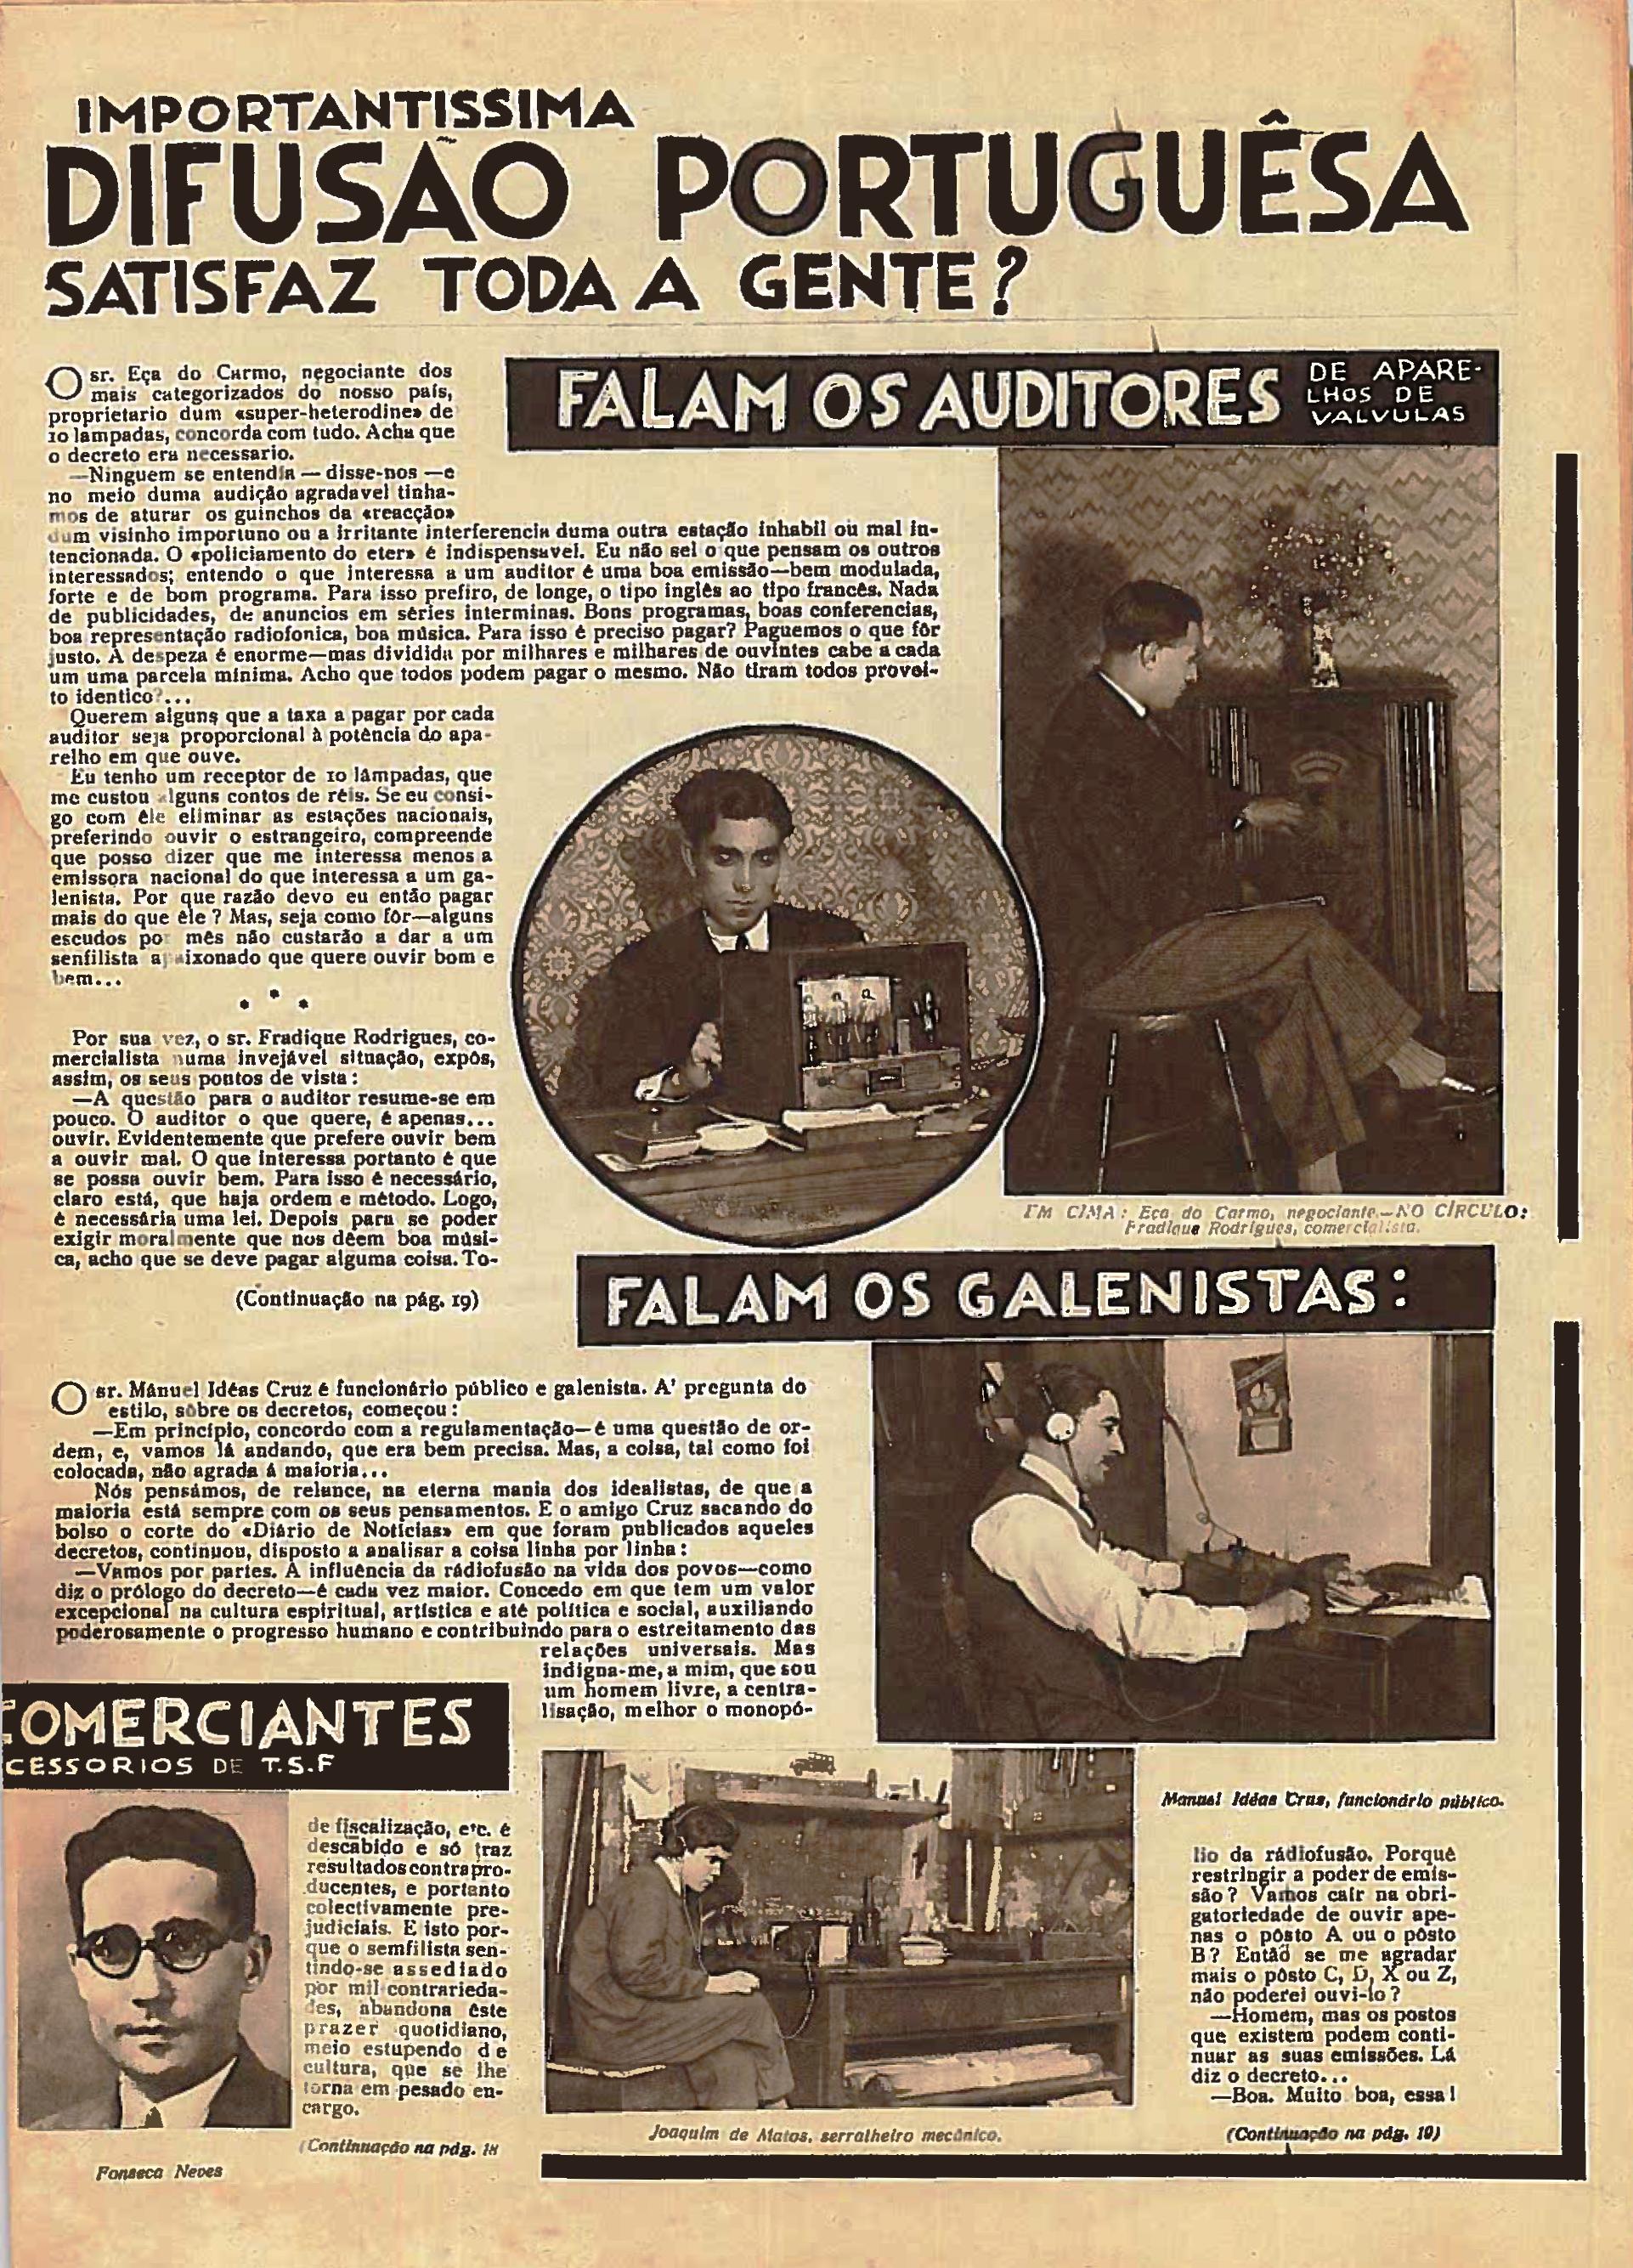 Outra foto do nº28 de maio de 1933 do Diário Ilustrado